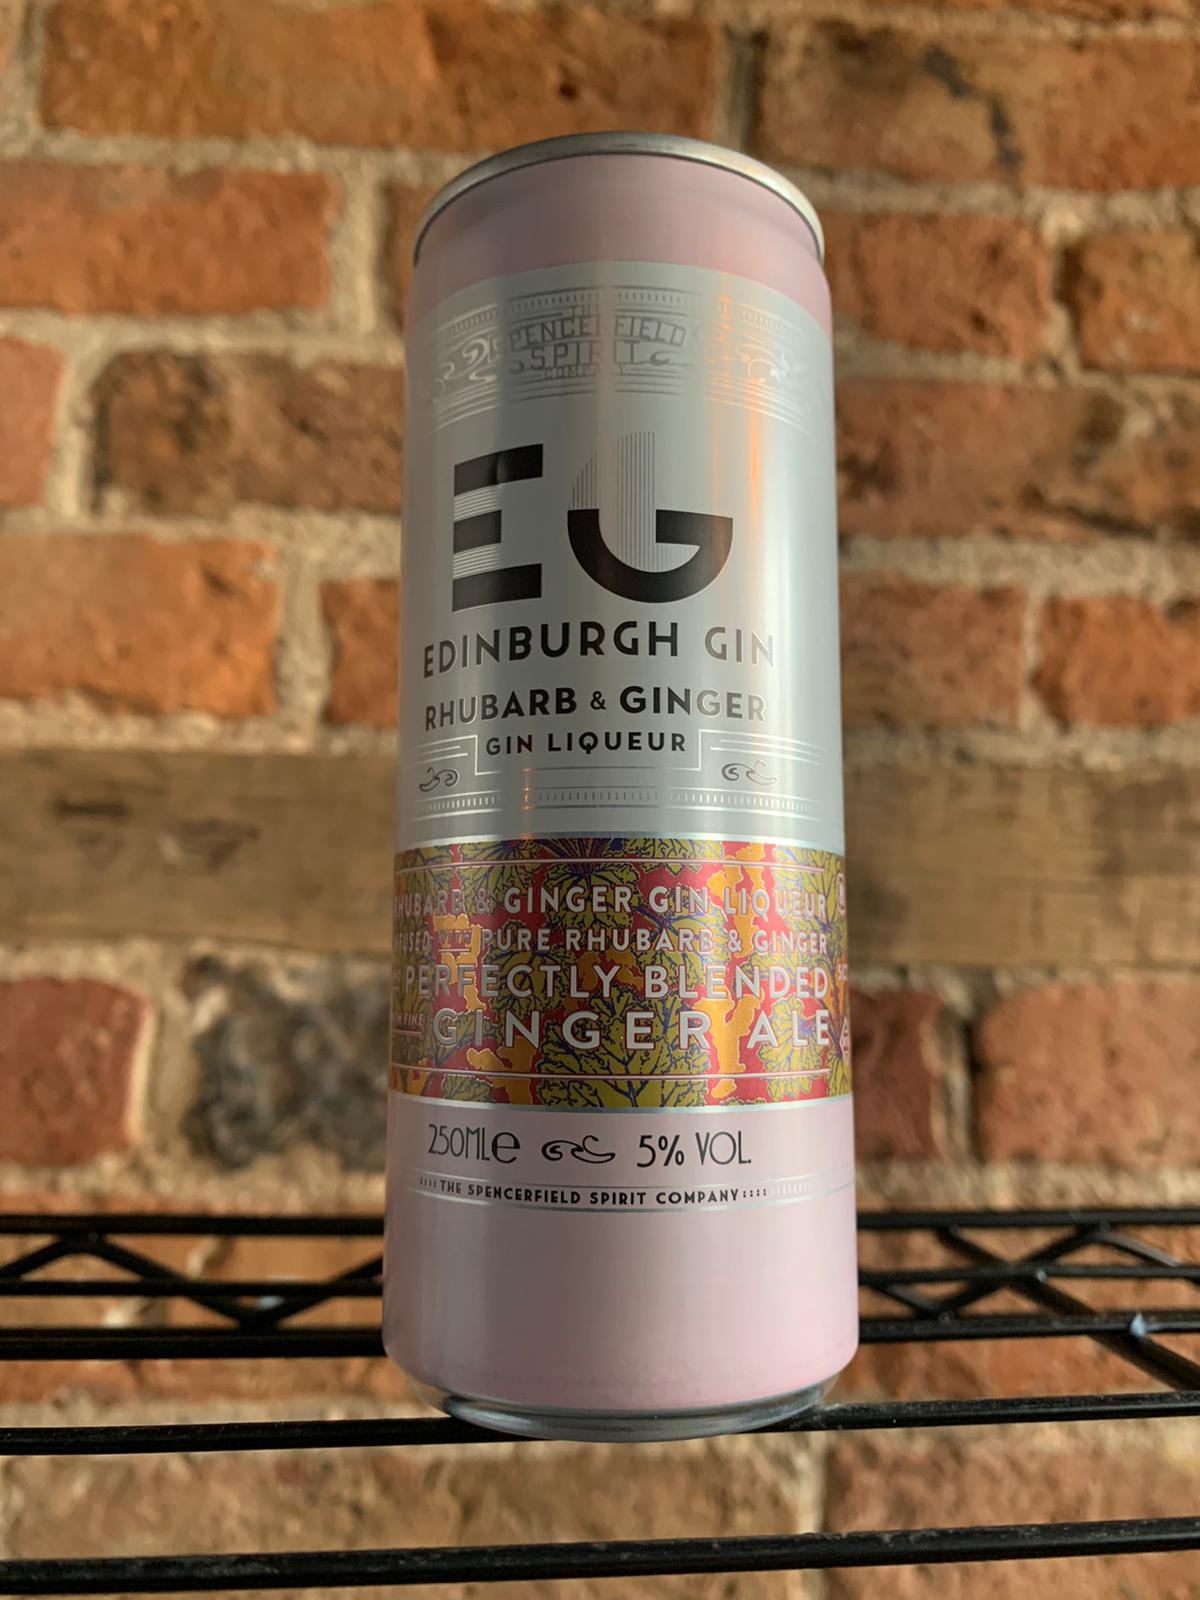 EG Rhubarb & Ginger Gin Liqueur & Ginger Ale Mixer